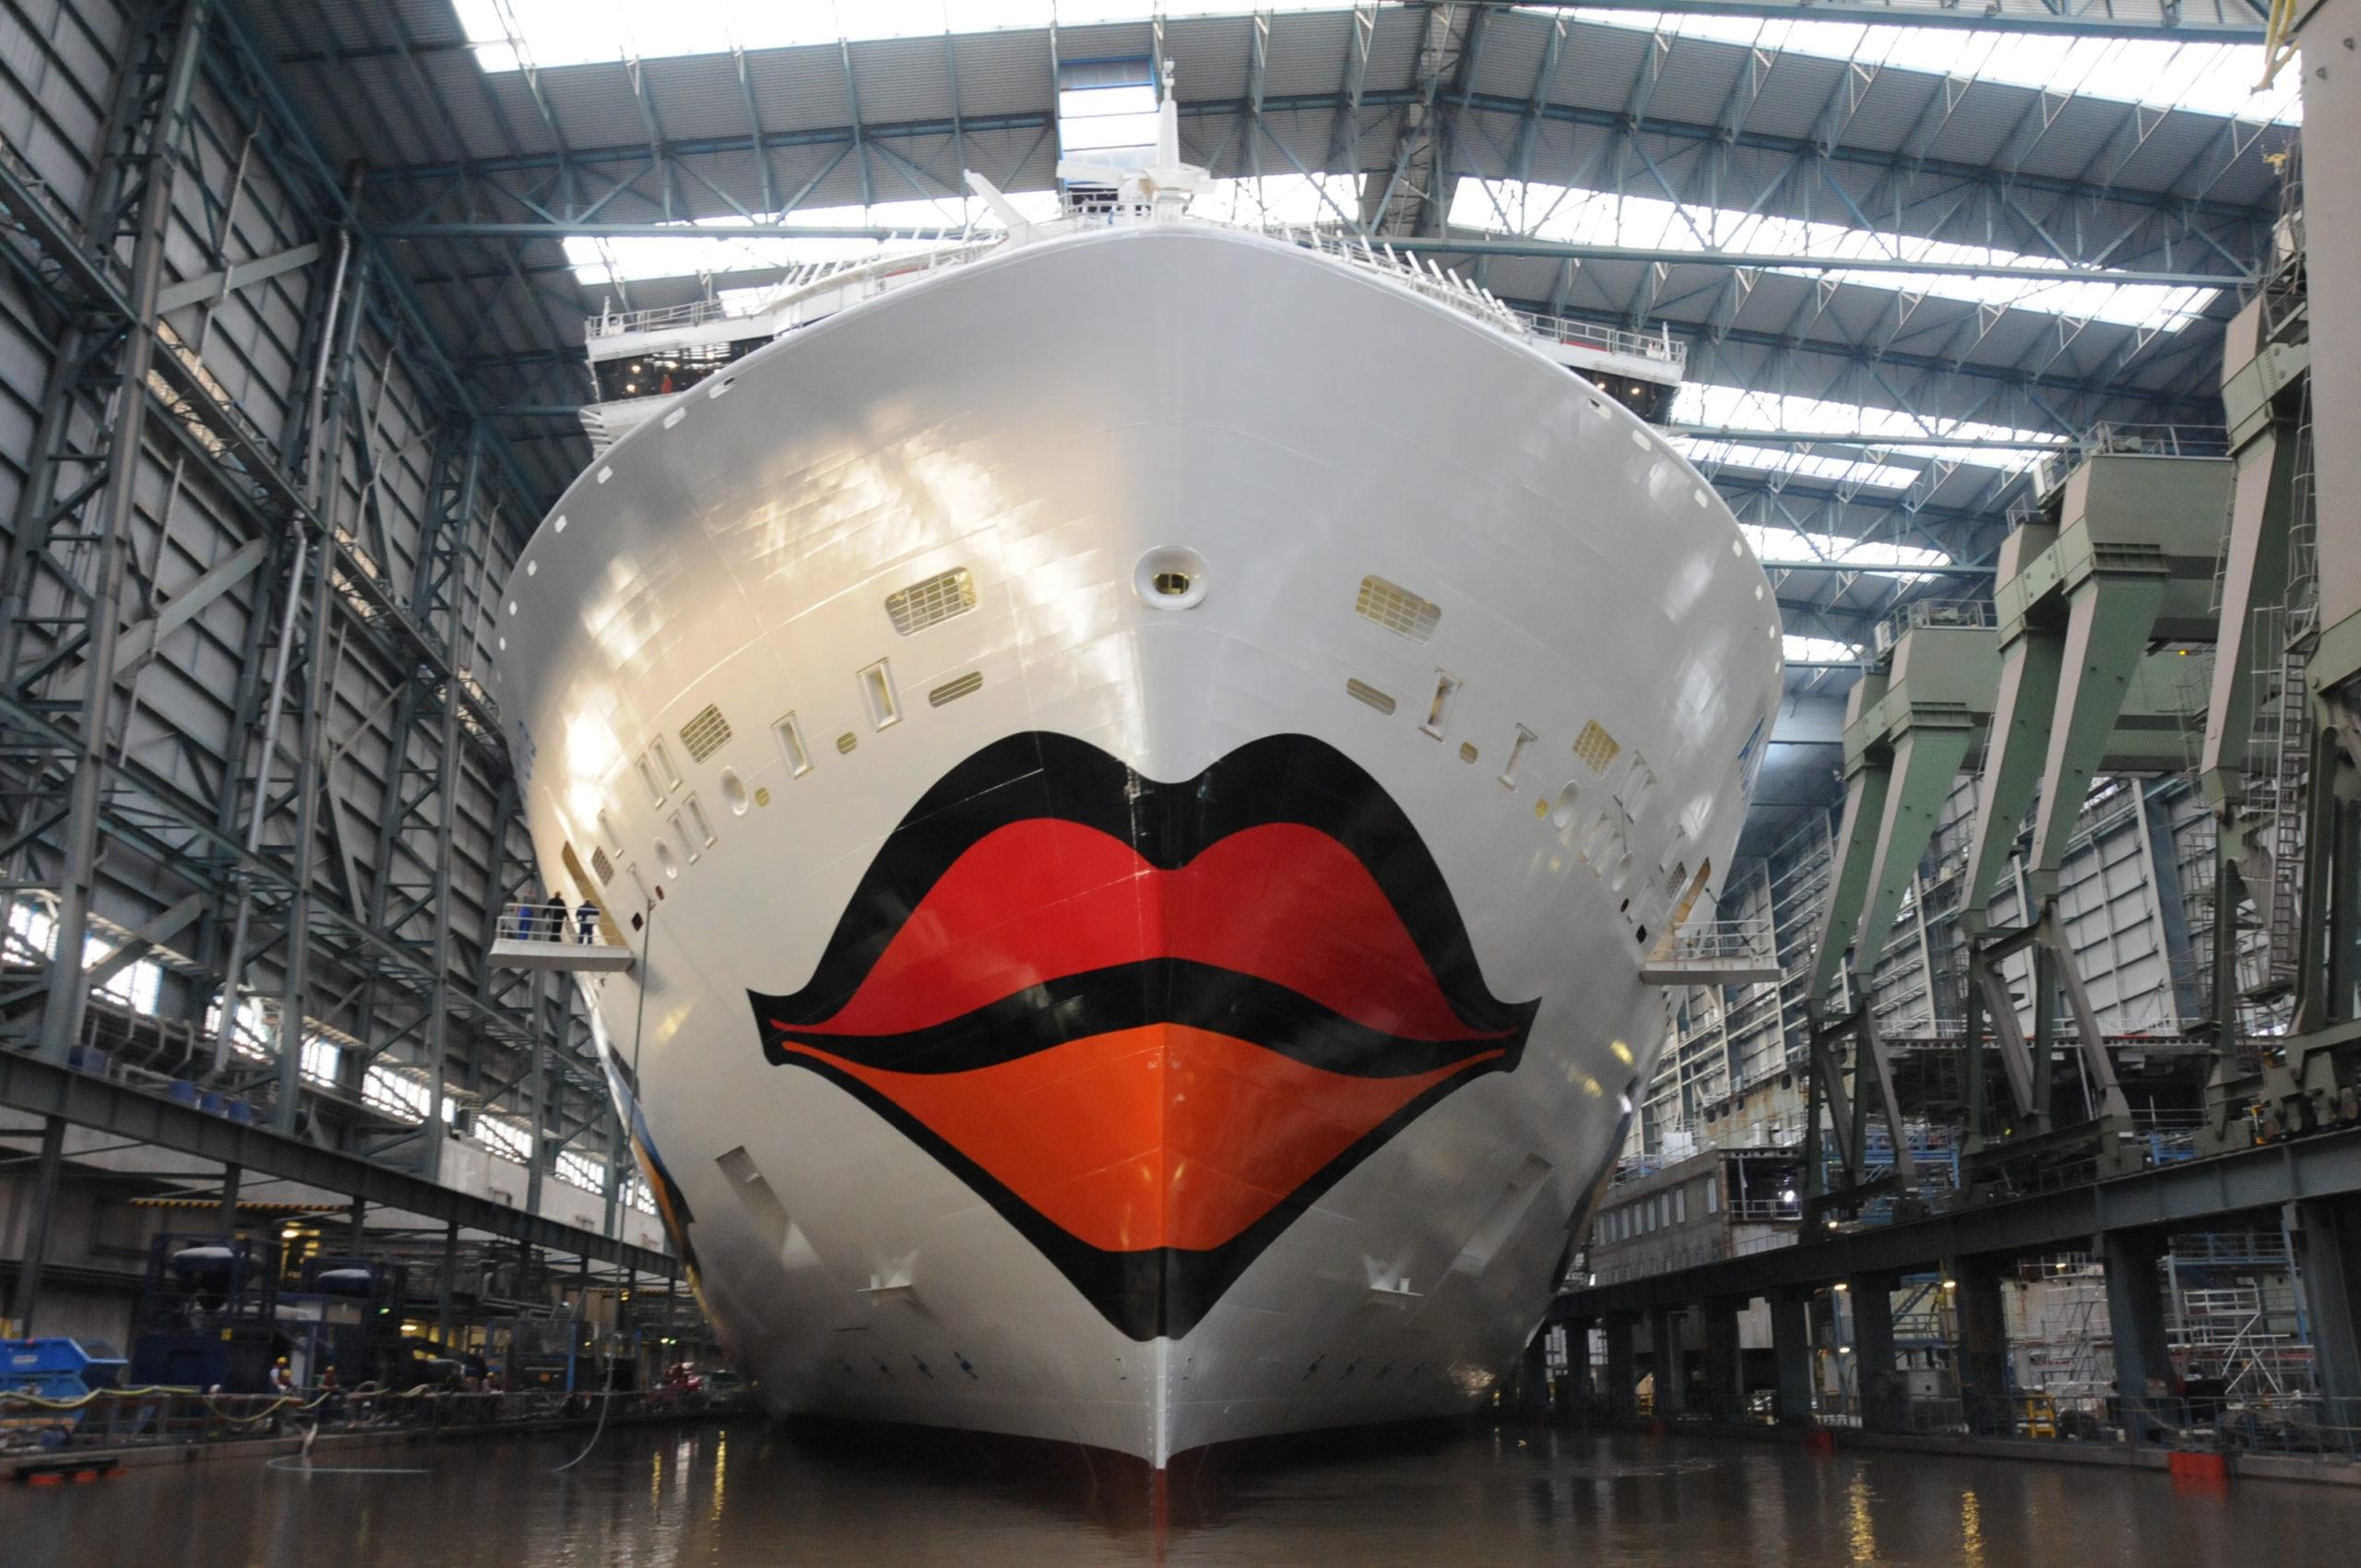 Die AIDAxxx wird im Frühjahr 2021 von der MEYER WERFT abgeliefert. Sie ist ein Schwesterschiff der AIDAnova (Foto). Foto: Christoph Assies